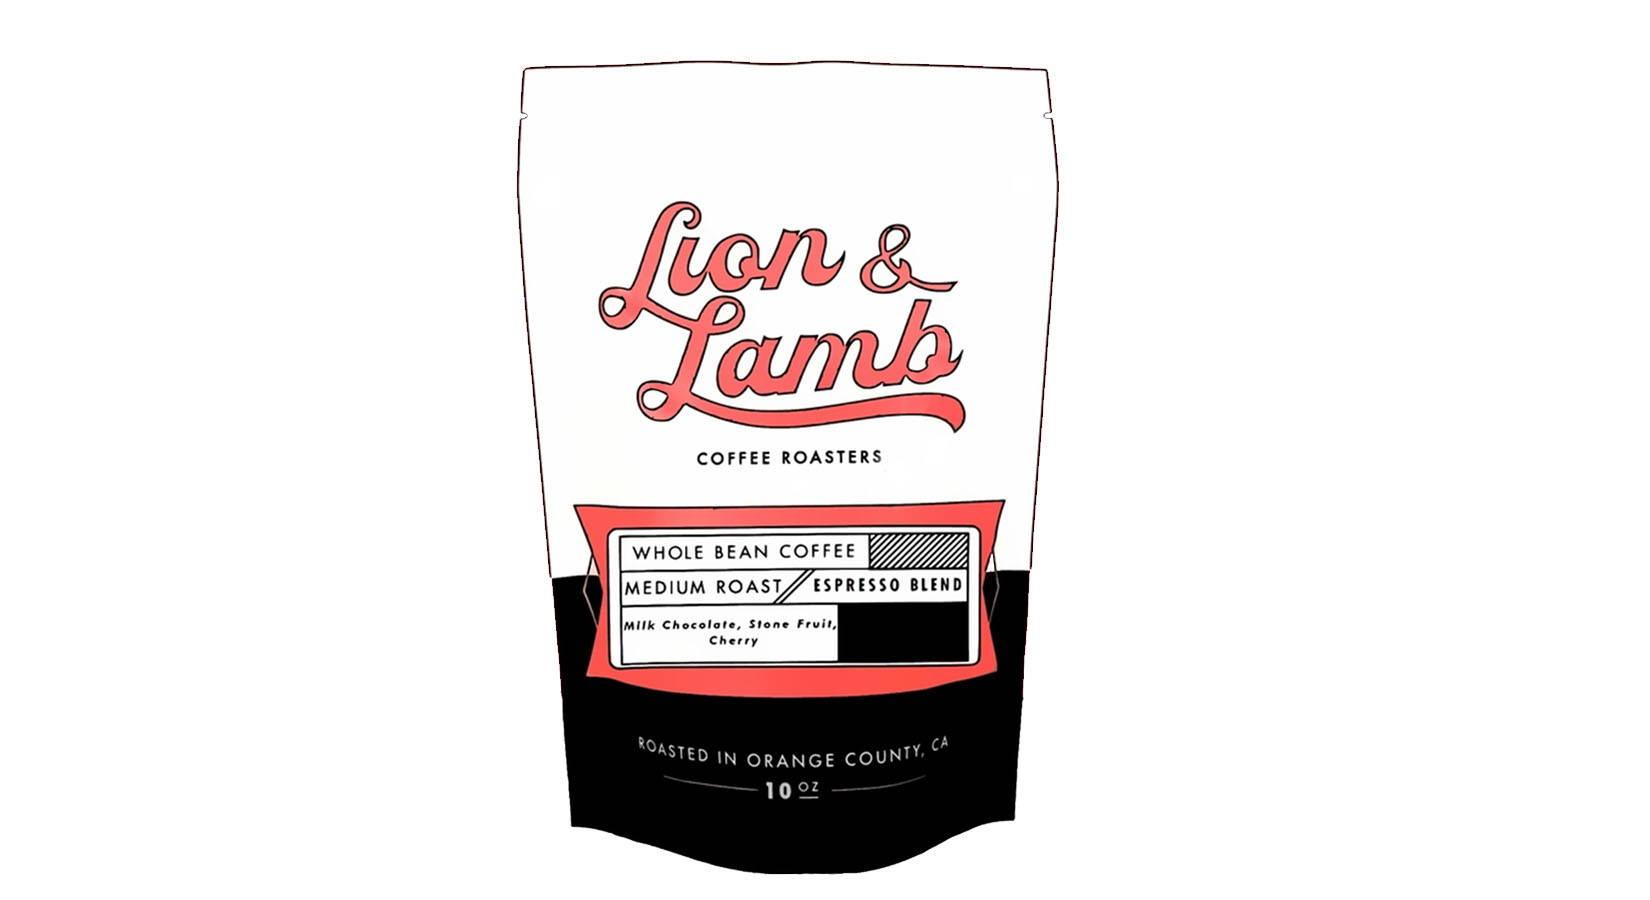 Cartoon artwork of a coffee bag